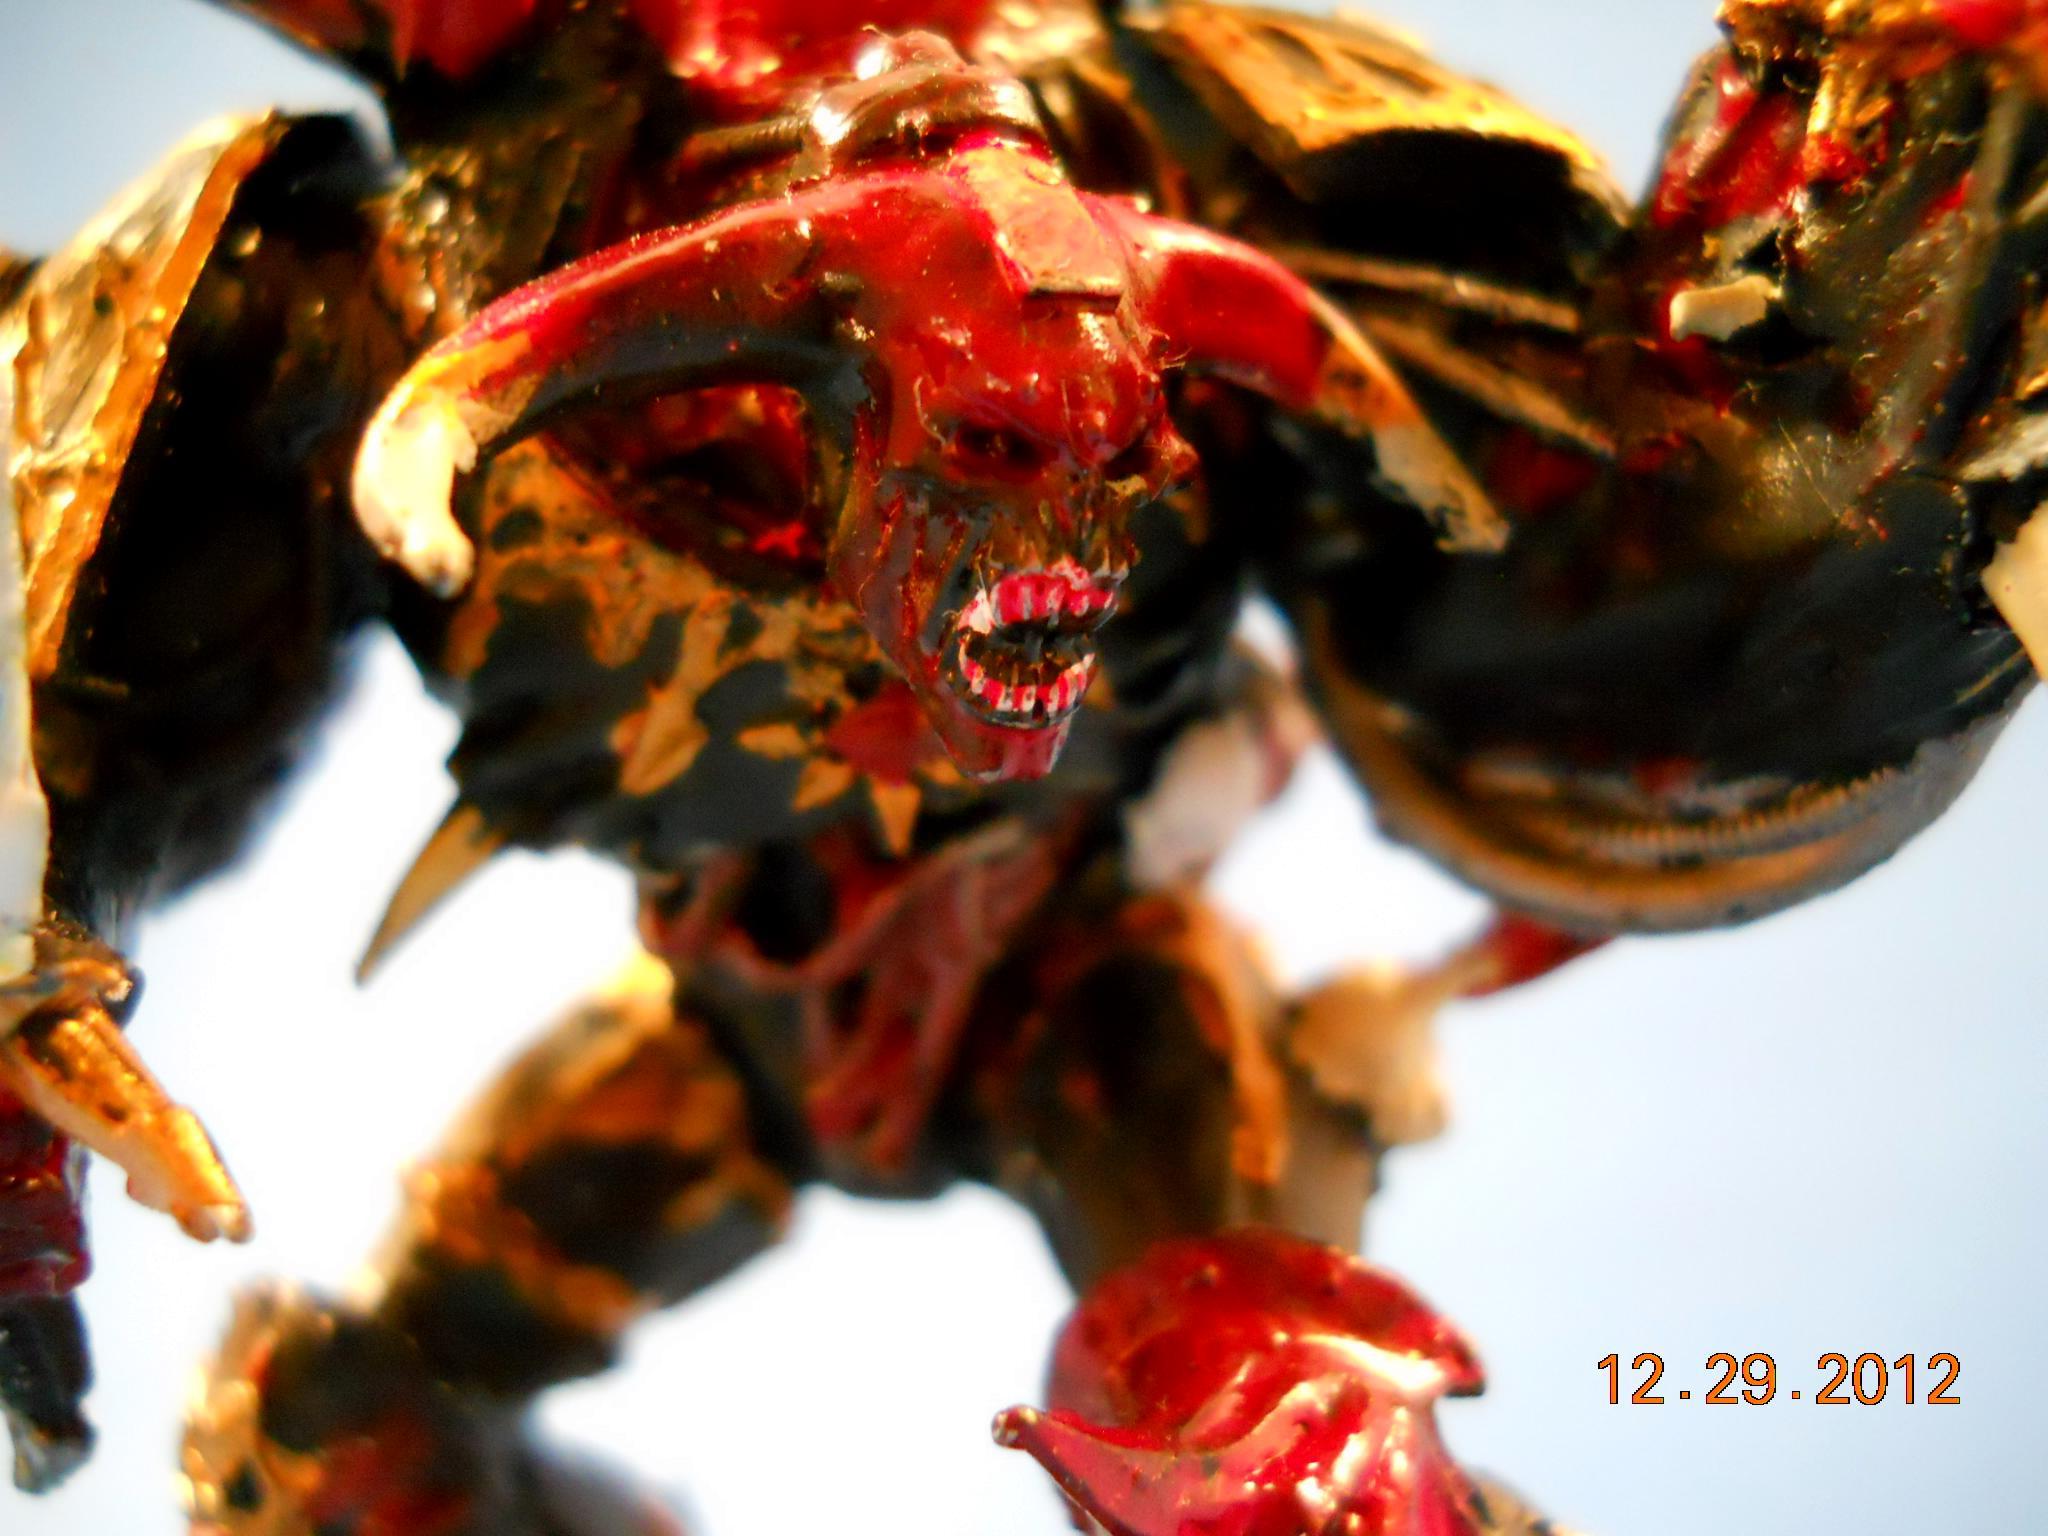 Chaos, Demon Prince (Closup)